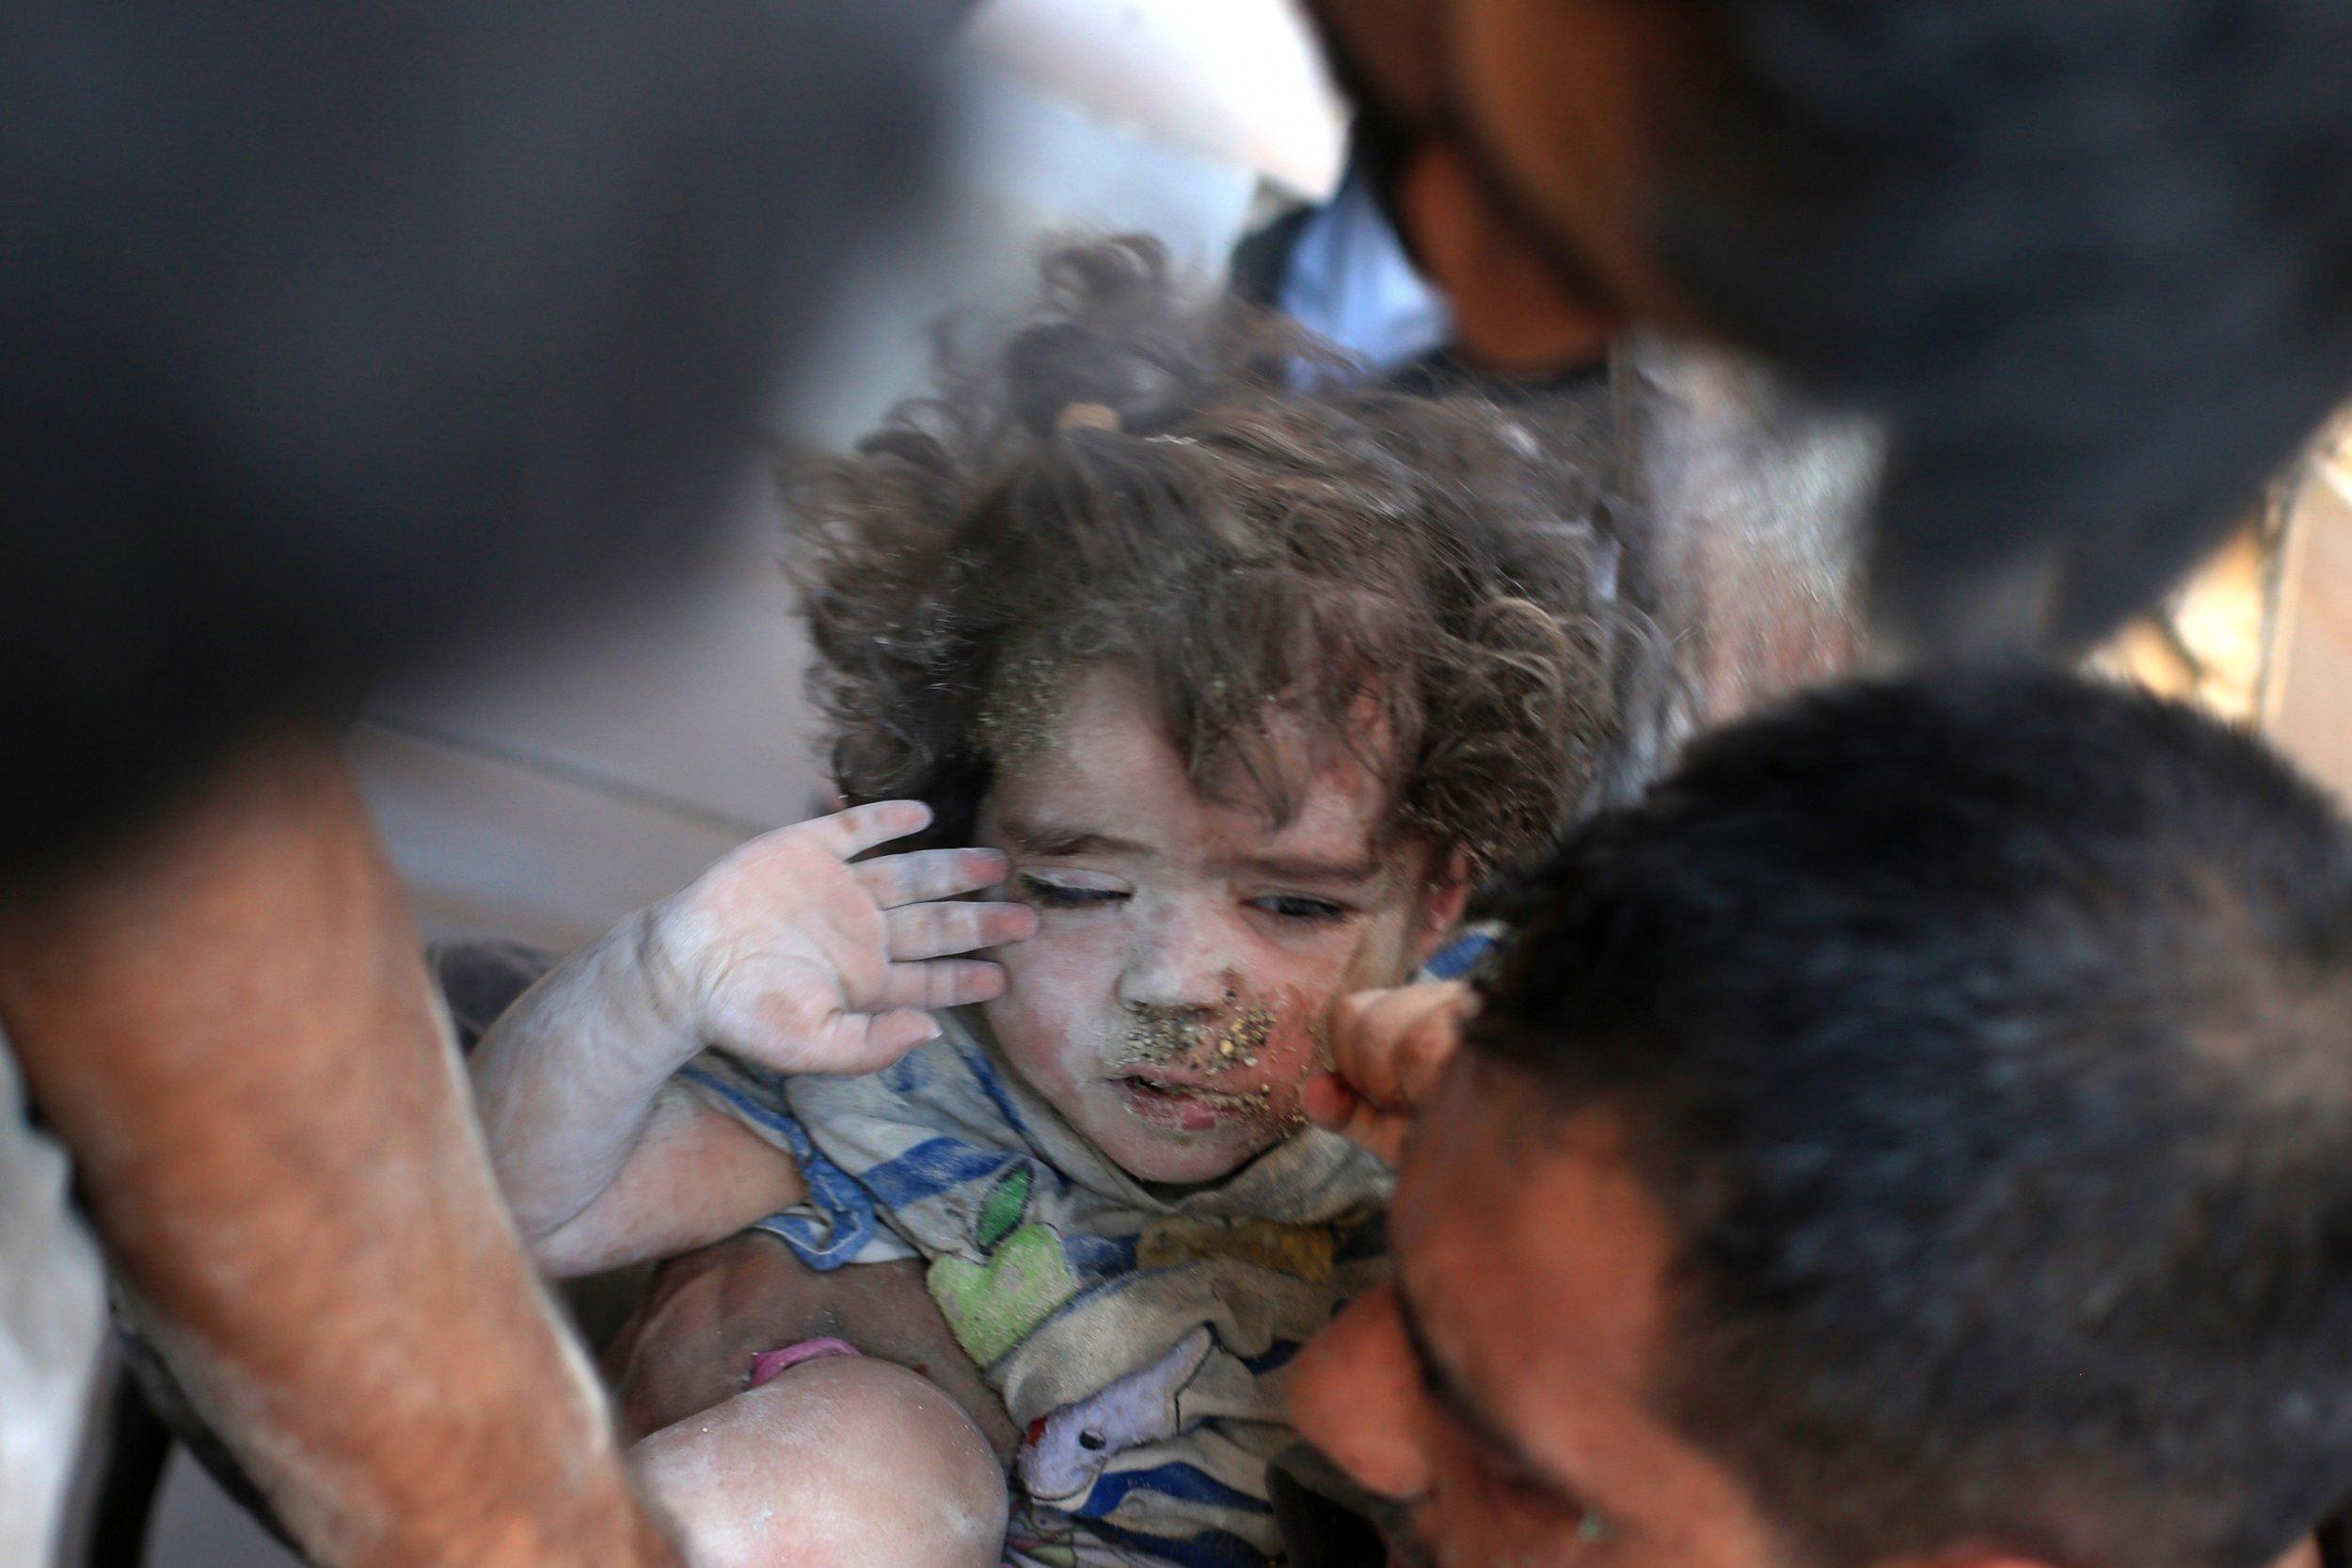 04_07_Assad_Barrel_01